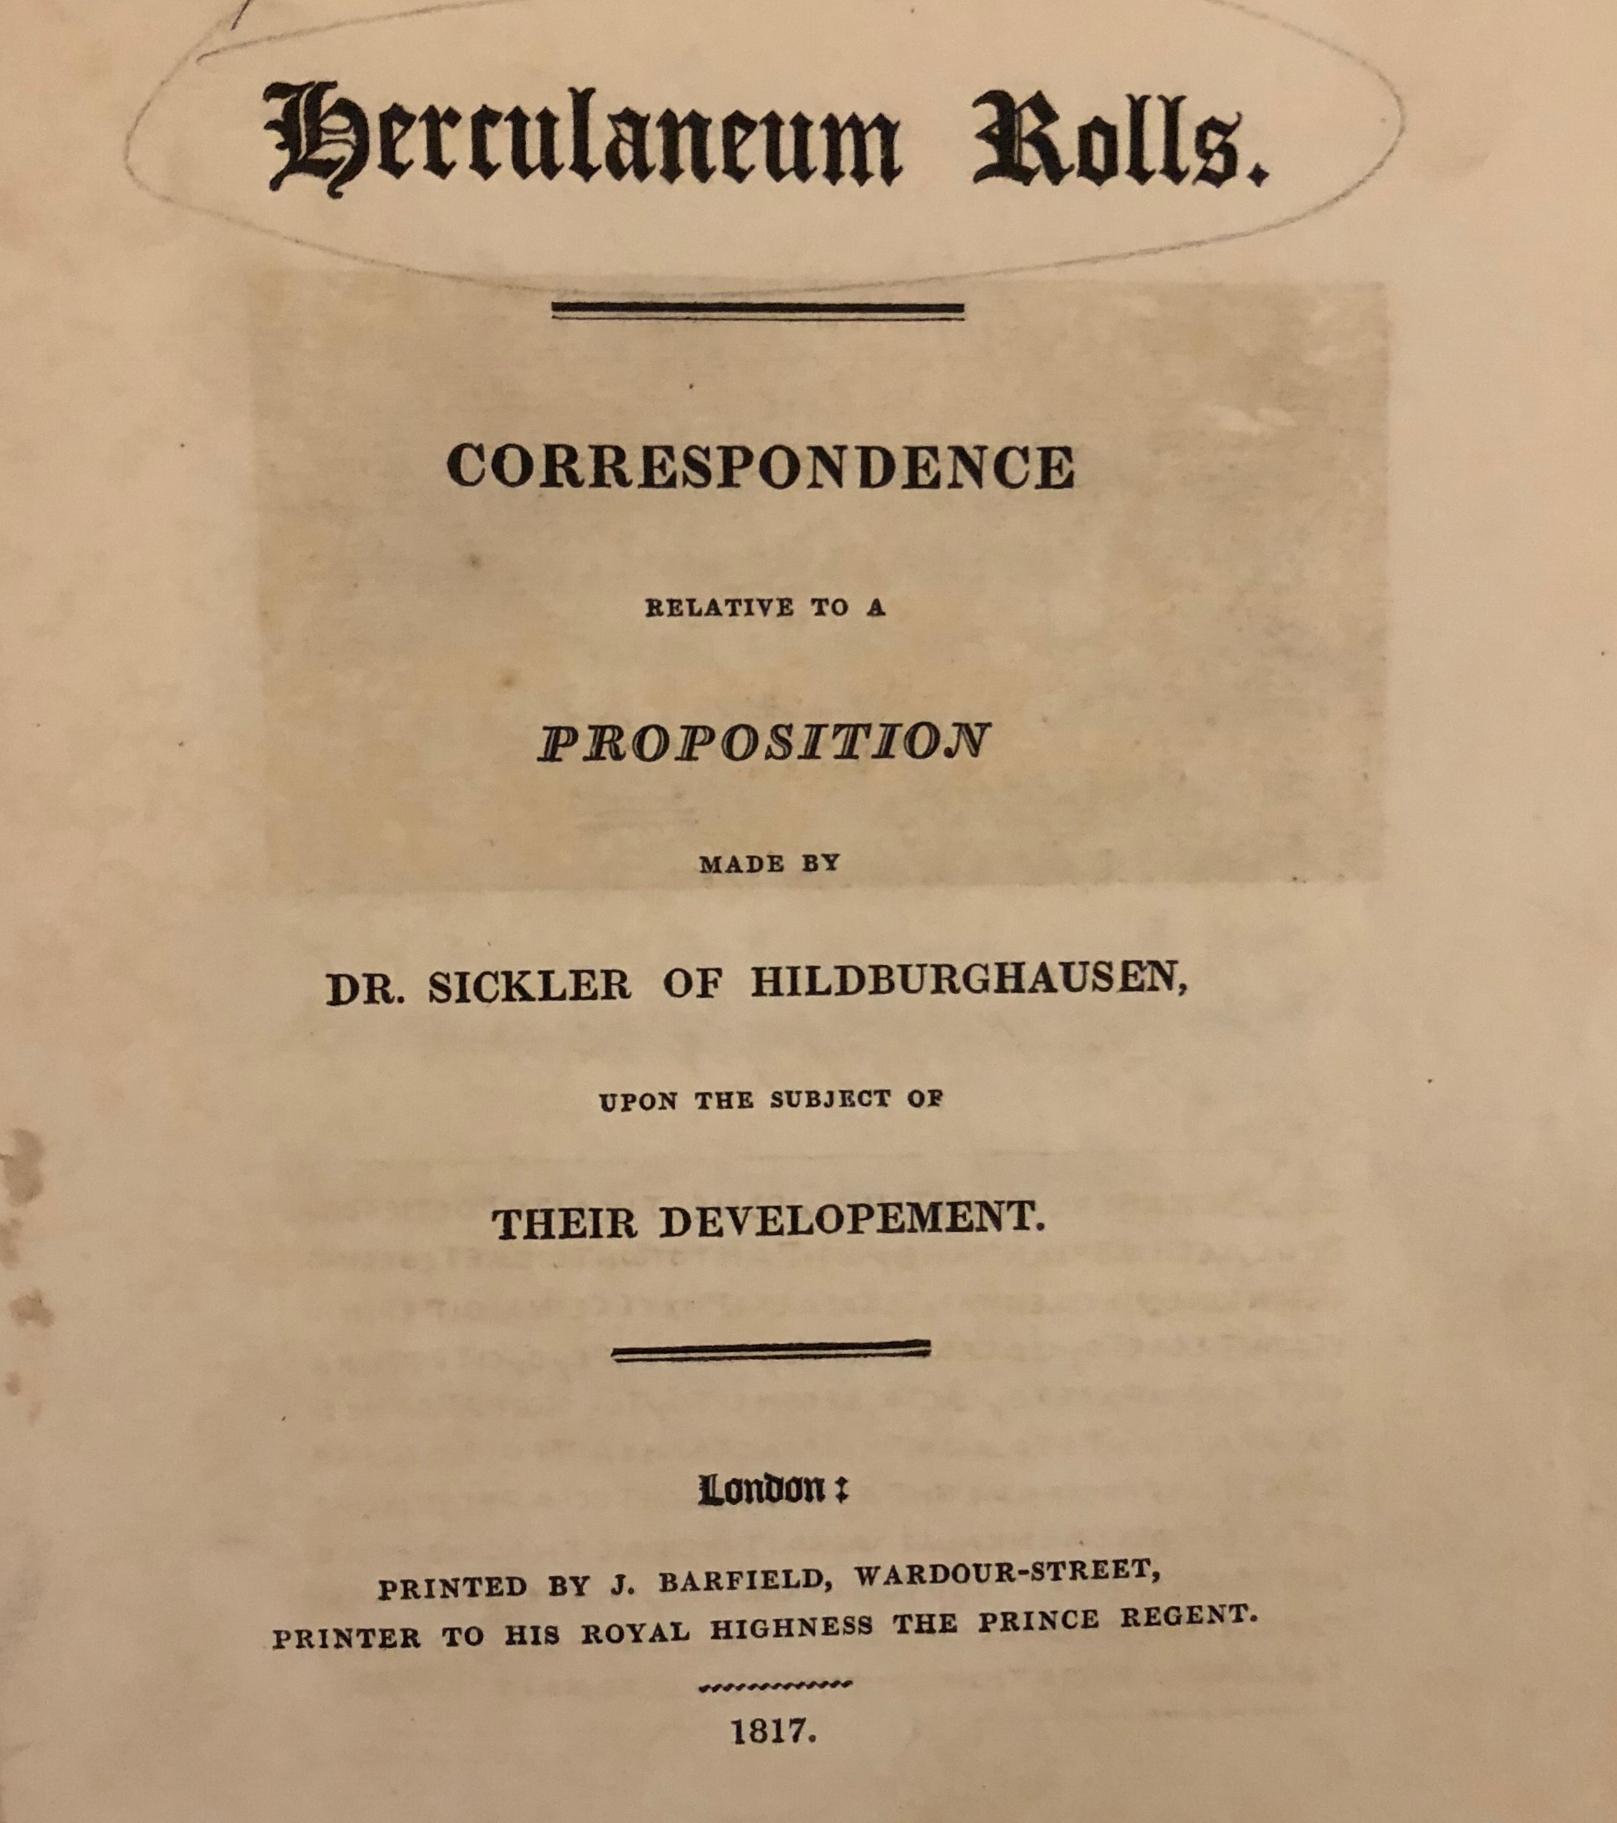 title, 'herculaneum rolls'